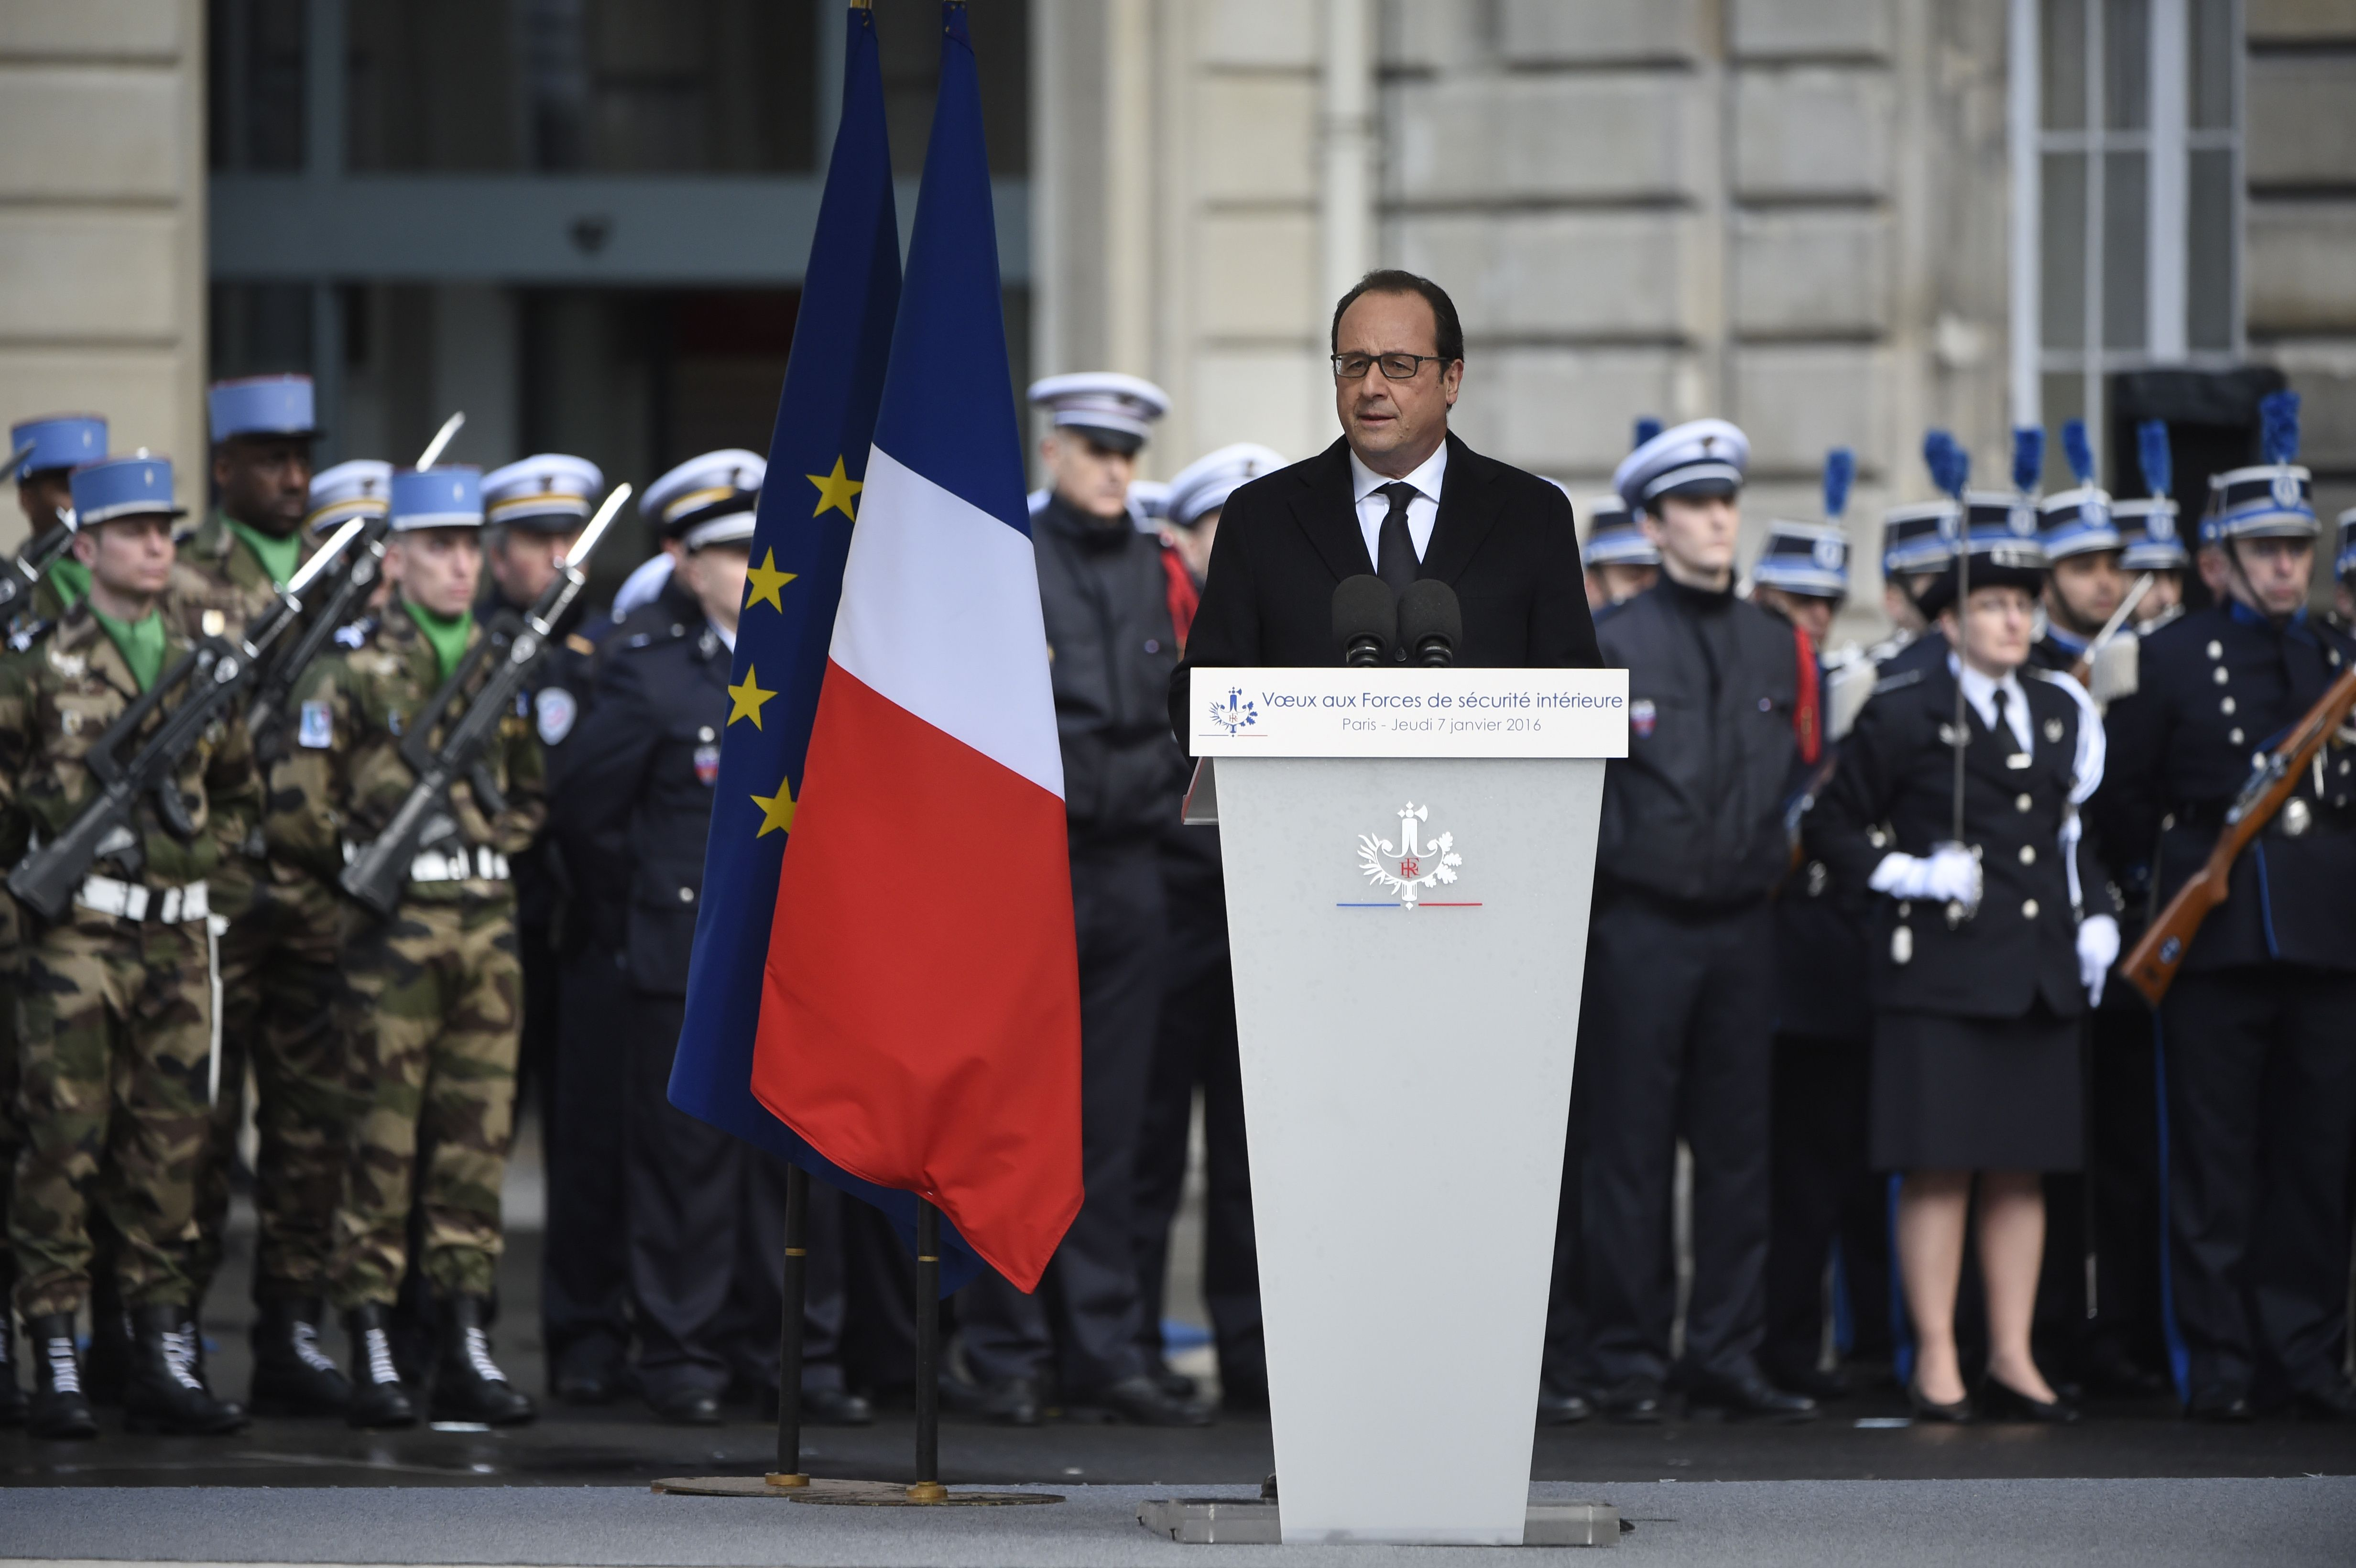 """Voeux aux forces de sécurité : Hollande appelle à 3 principes, """"fermeté, réactivité et unité"""""""